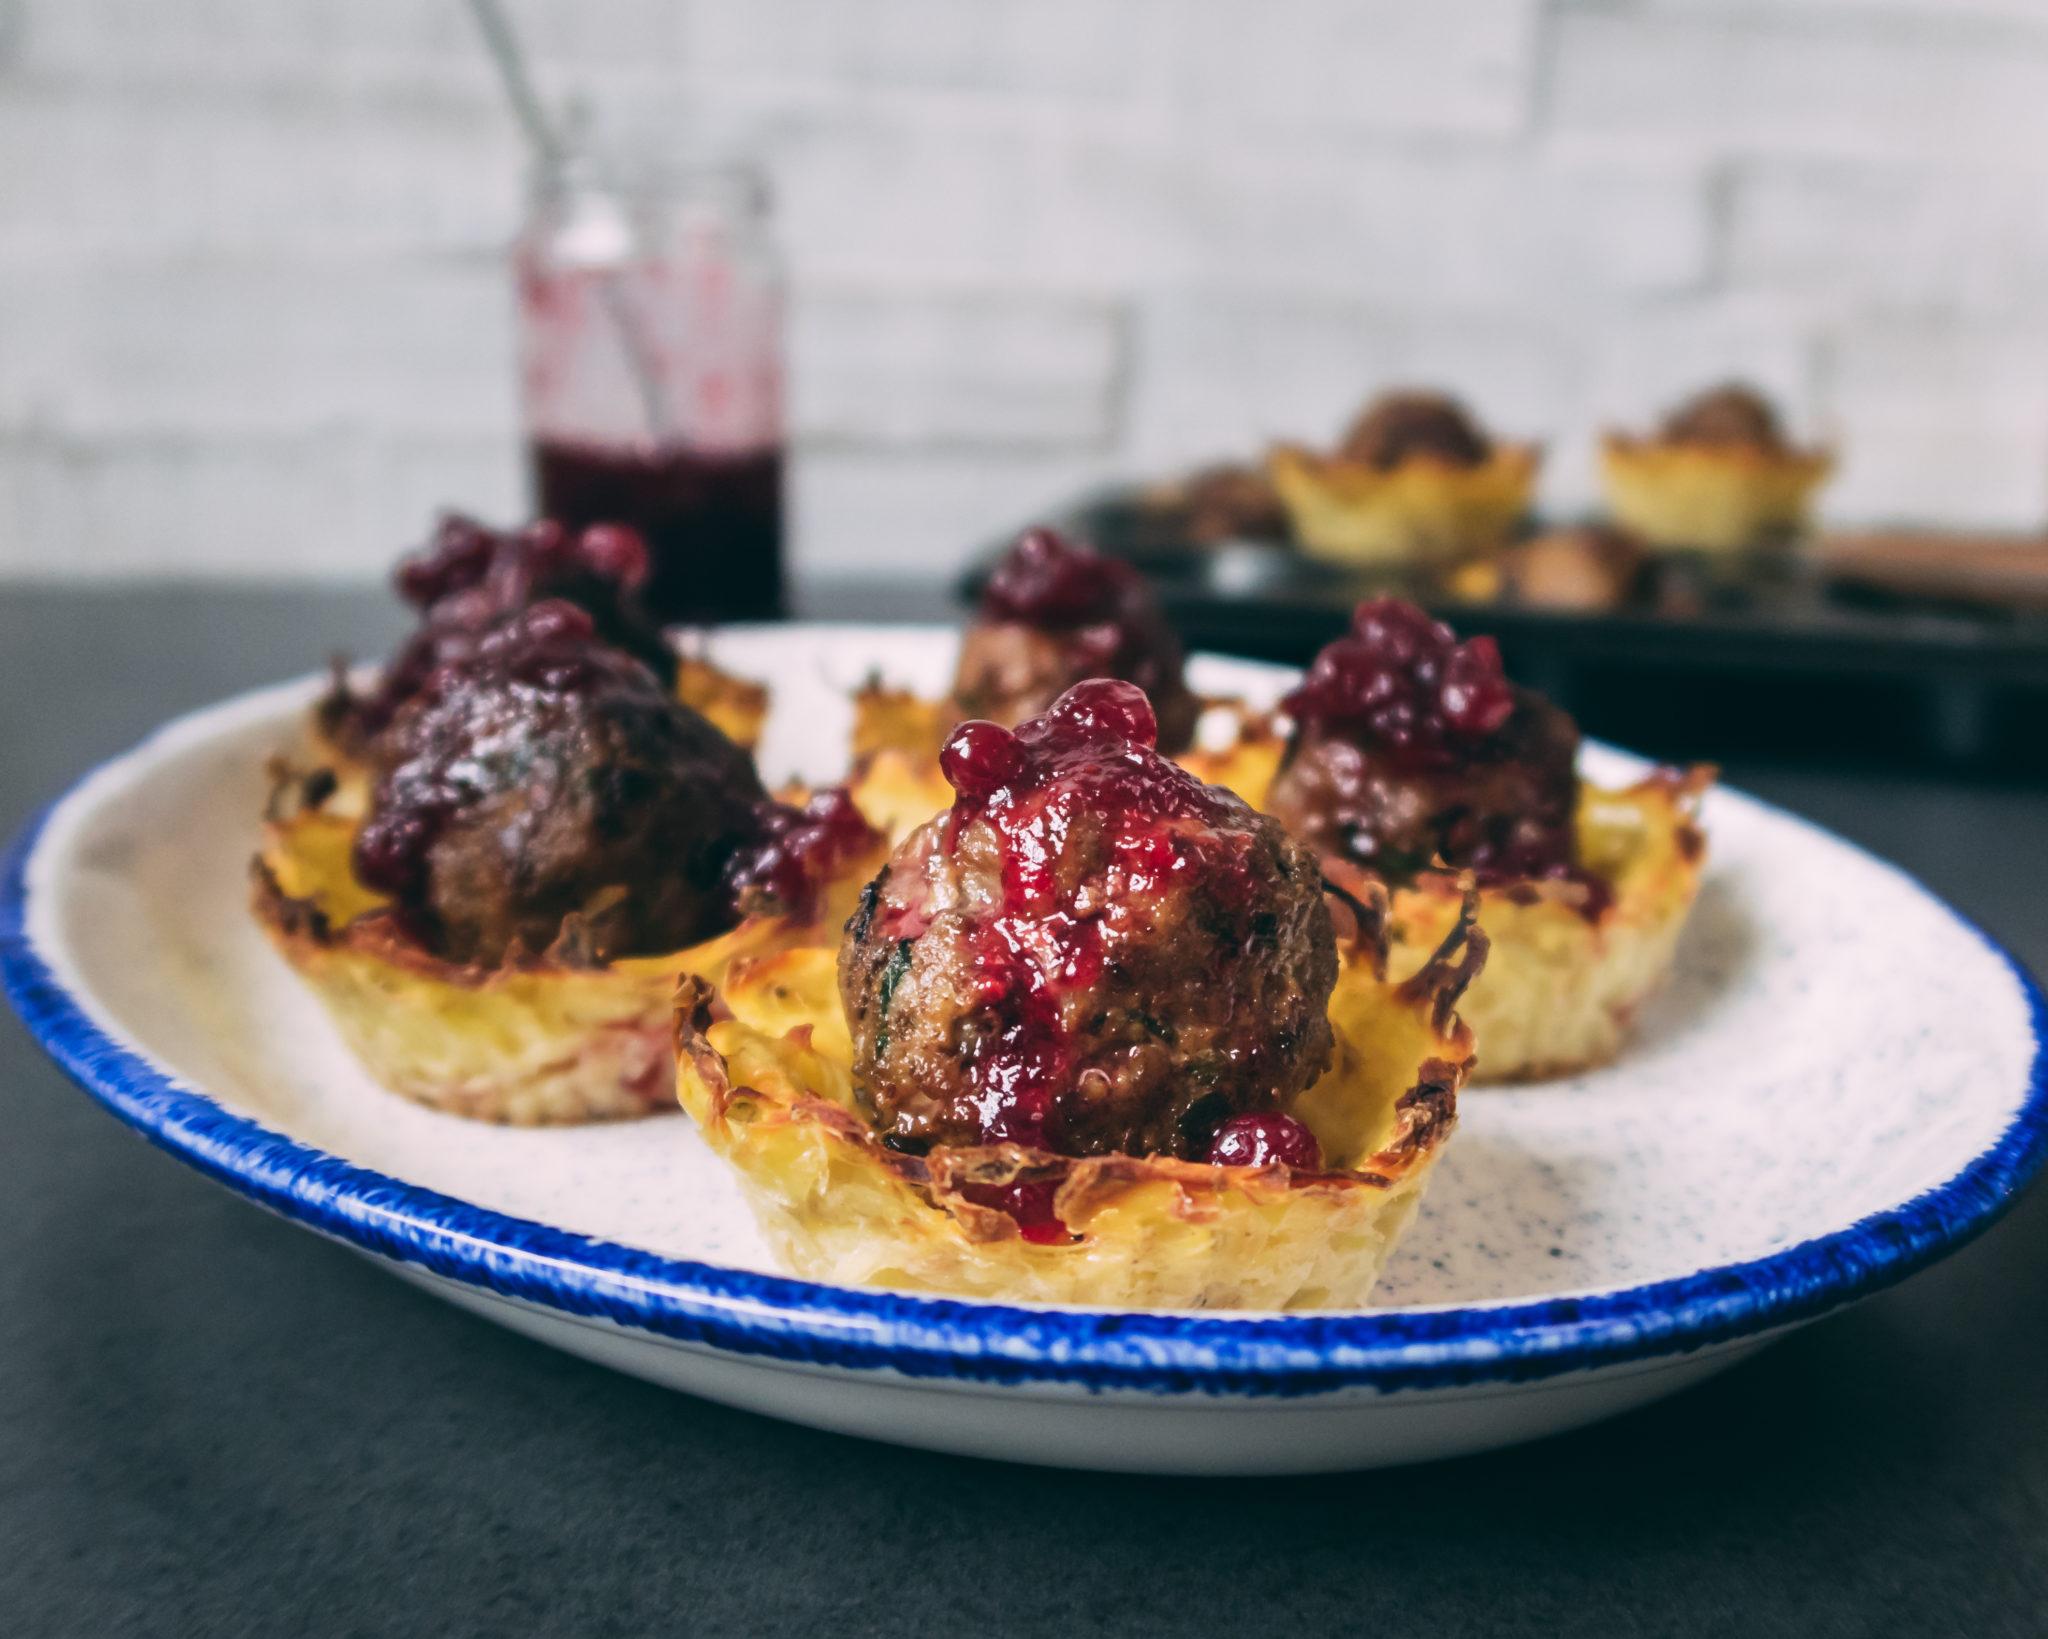 Köttbullar-Muffins: Snack mit schwedischem Flair